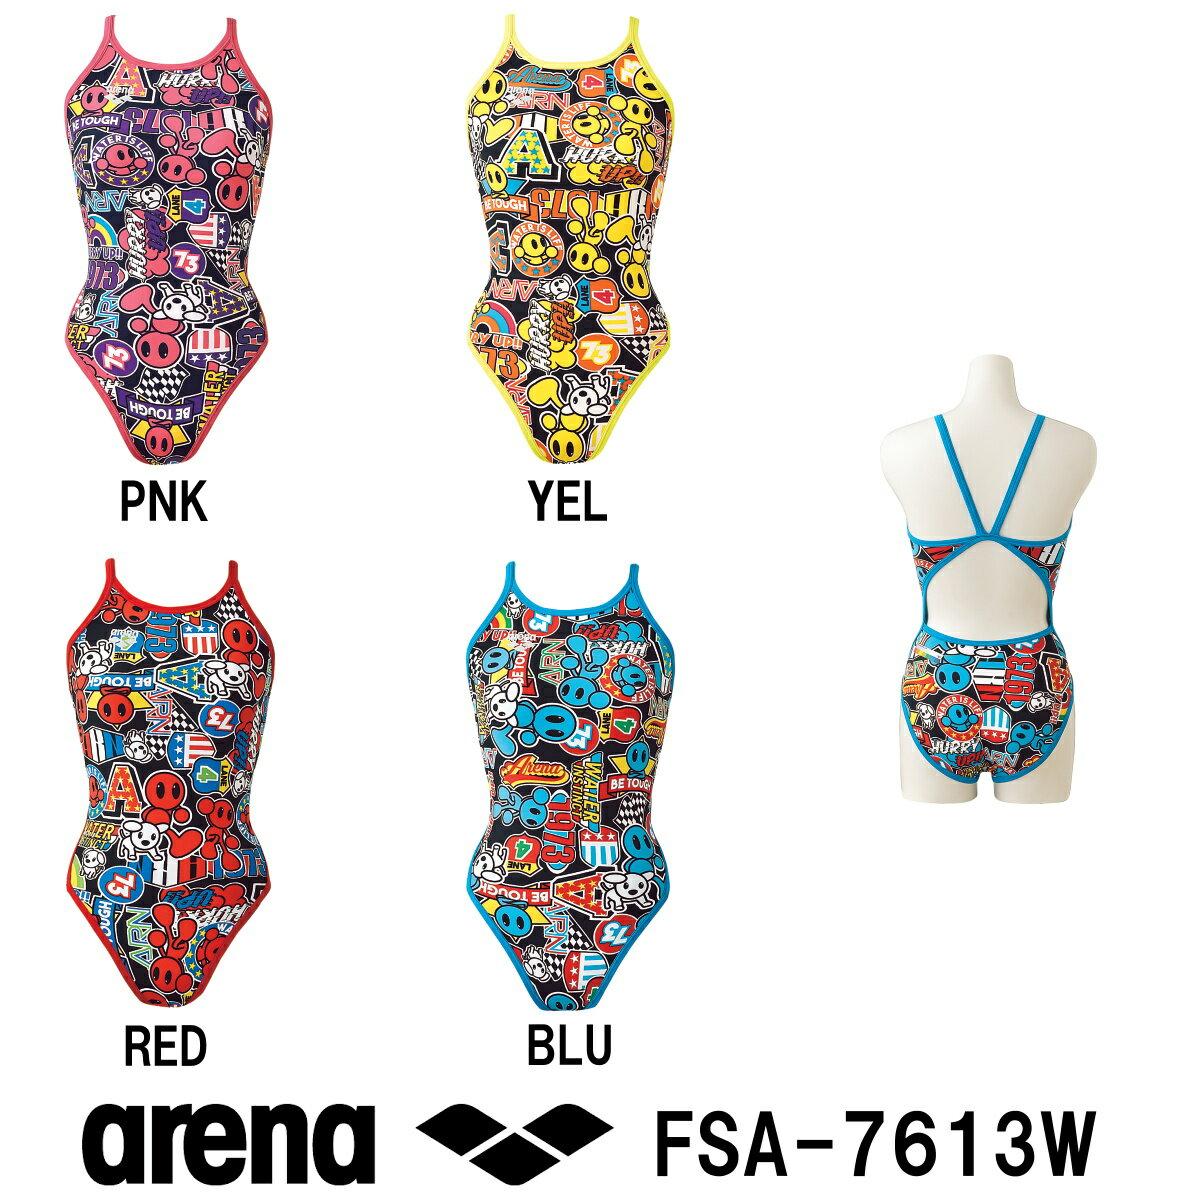 arena アリーナ 競泳練習用水着 レディース スイムウェア スイミング スーパーフライバック タフスーツ タフスキンD アリーナ君シリーズ 2017年FWモデル FSA-7613W